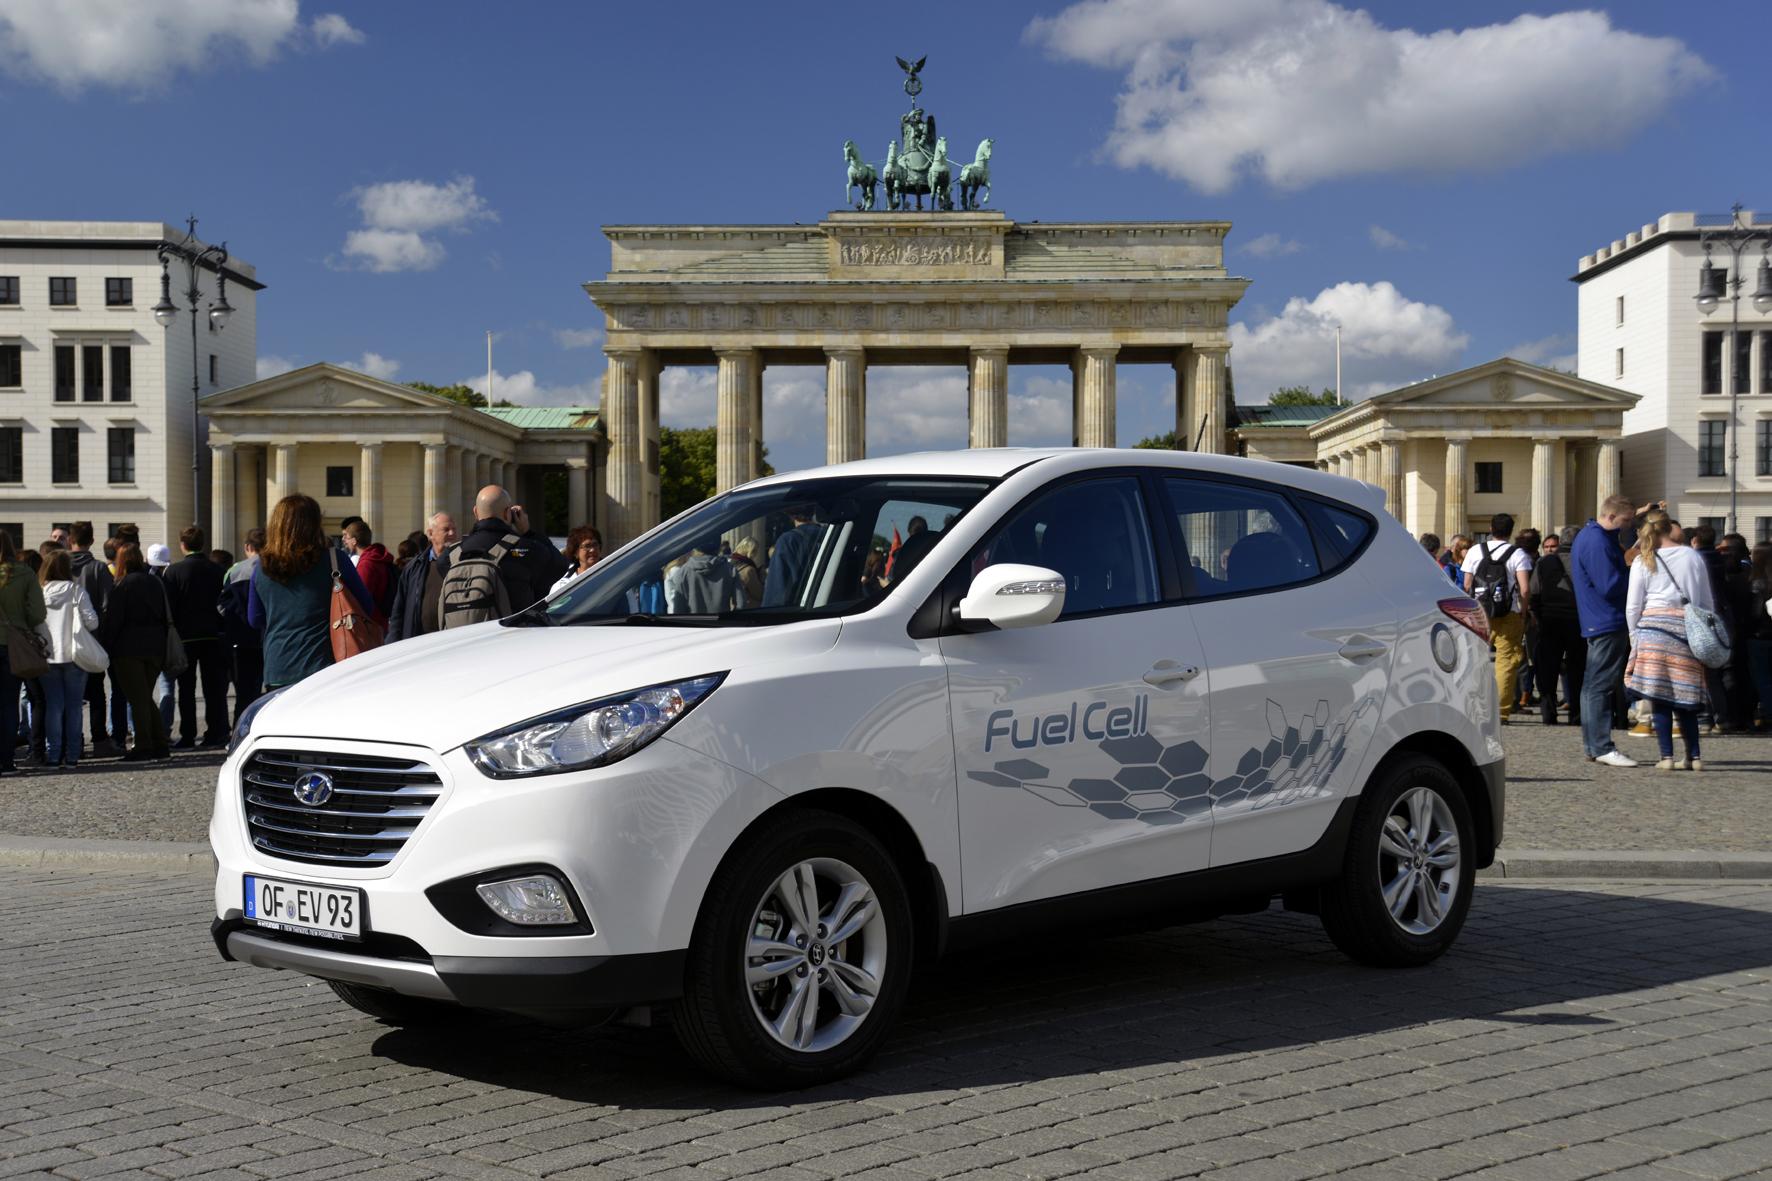 mid Düsseldorf - Mit der Brennstoffzelle auf großer Fahrt: Auf fast 2.400 Kilometern emittierte der serienmäßige Hyundai ix35 Fuel Cell keine Schadstoffe, sondern nur Wasserdampf.